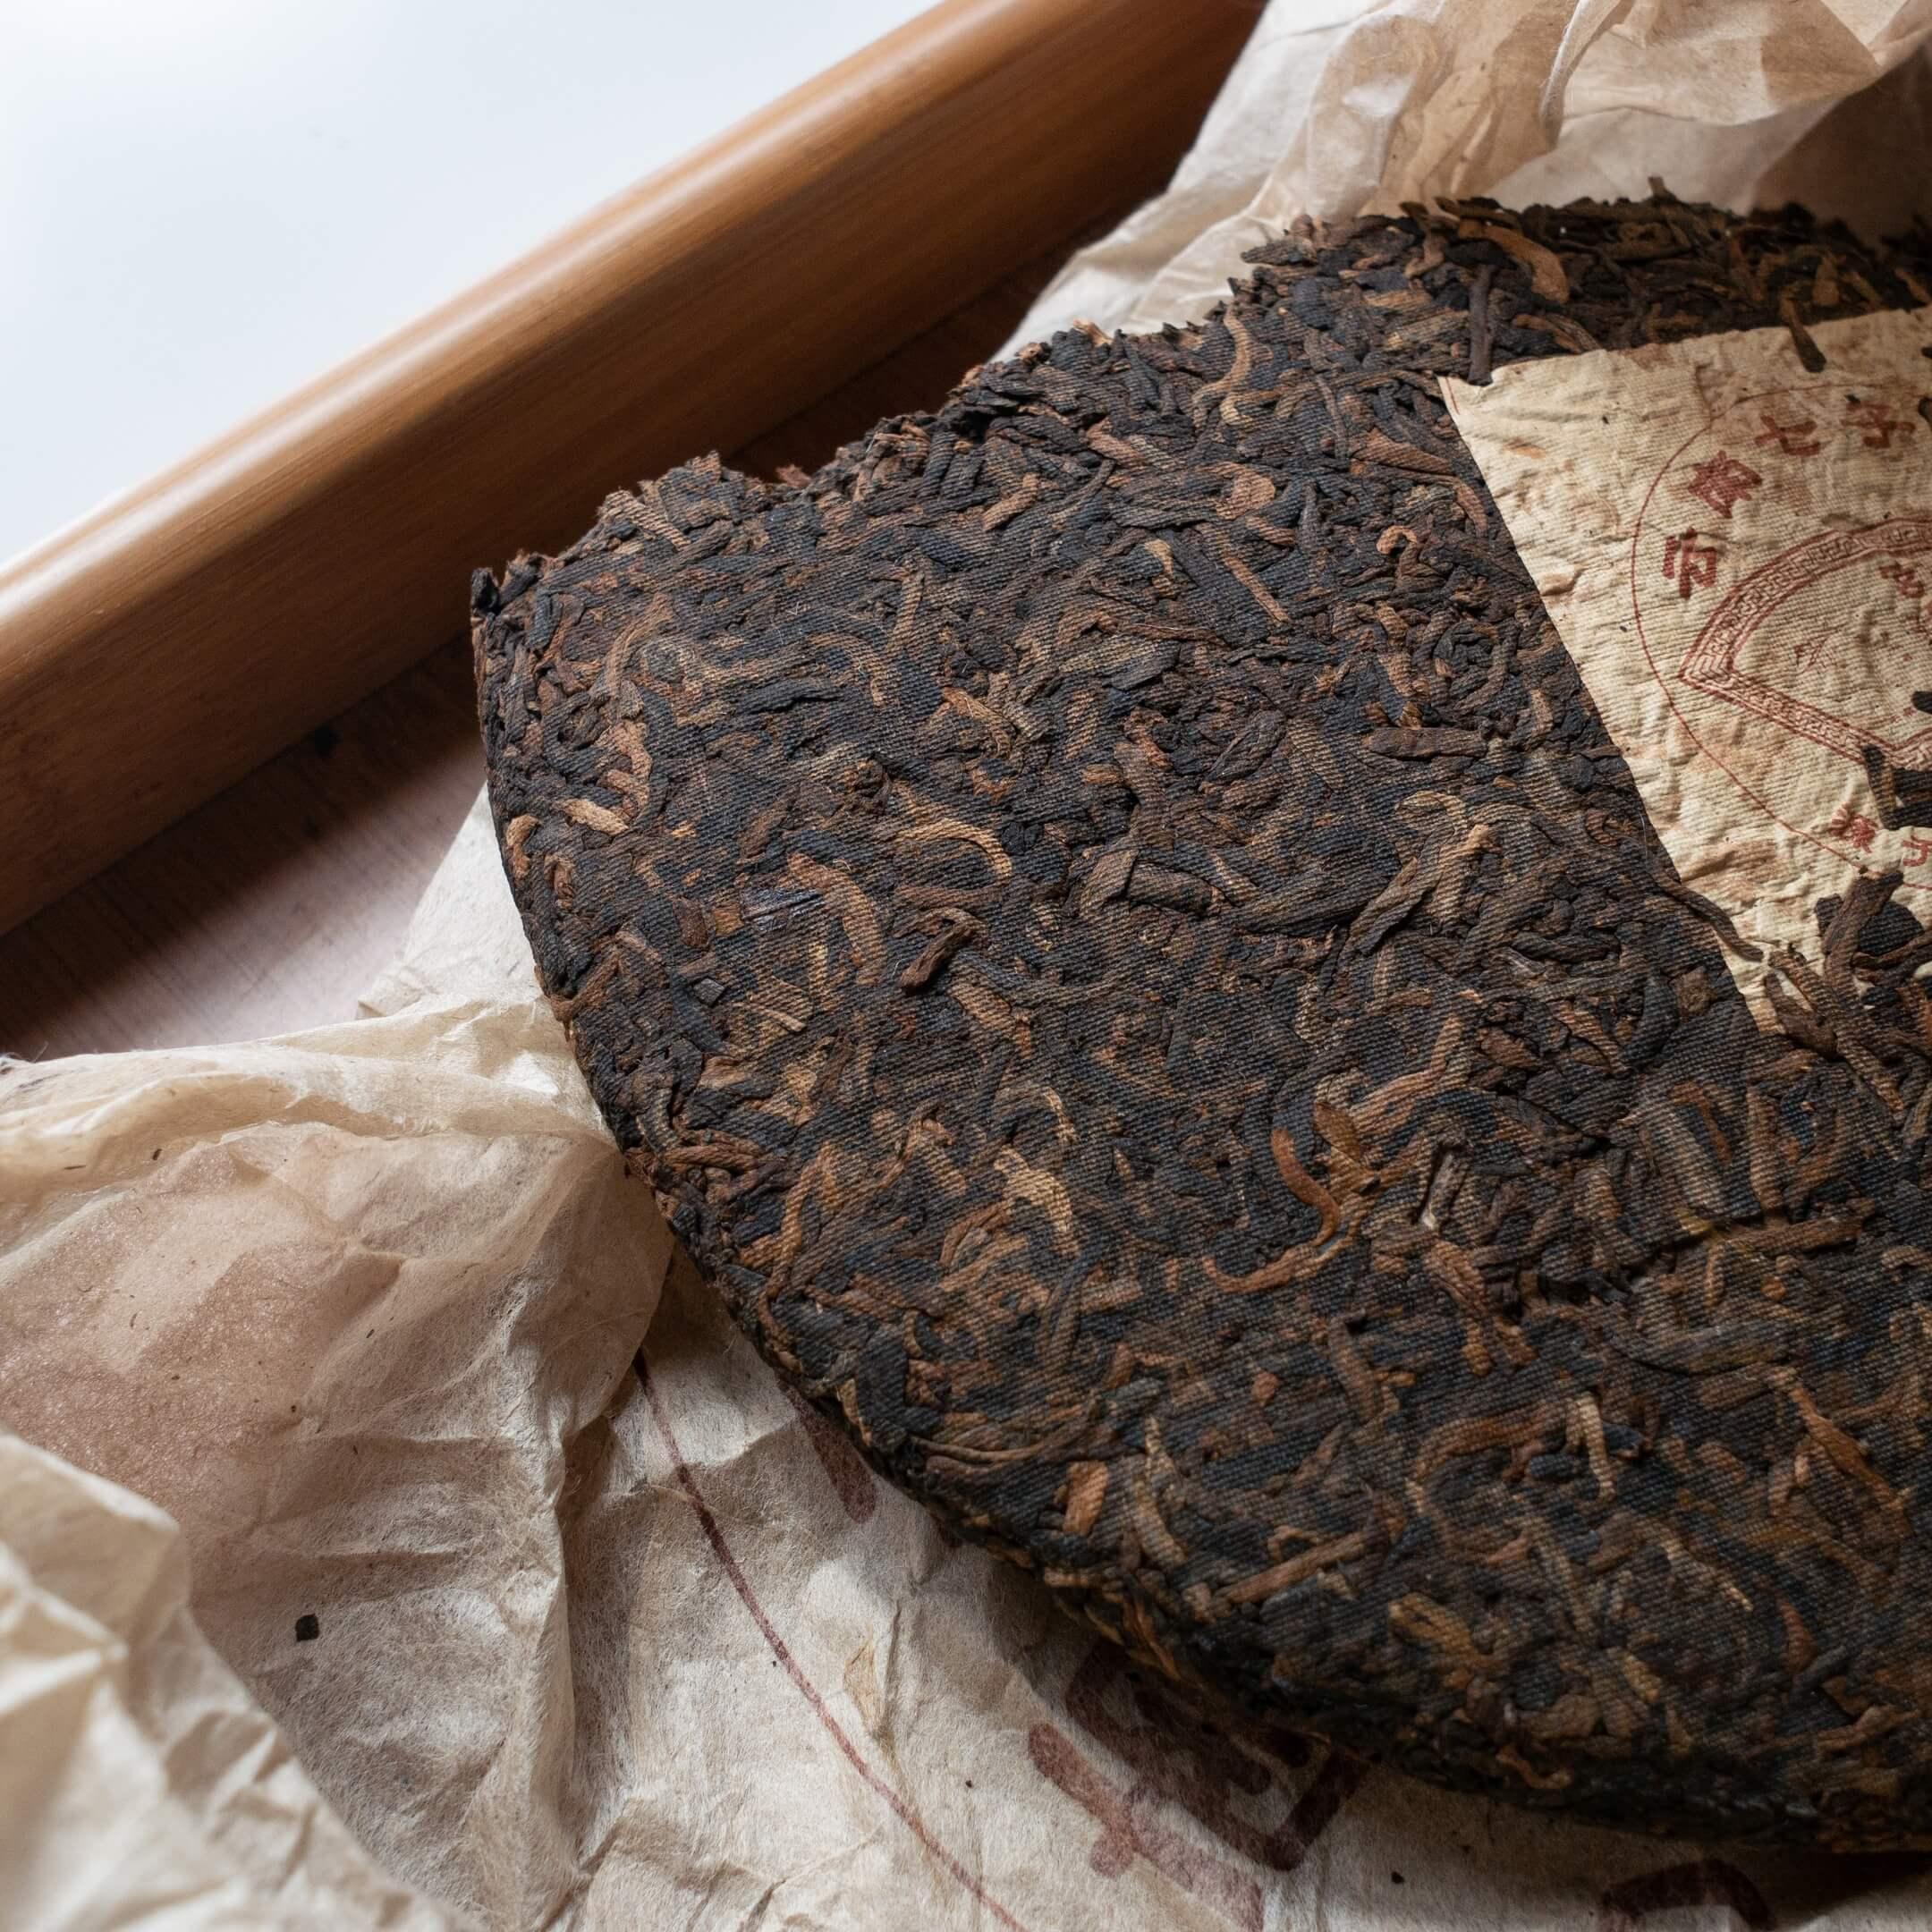 Чай пуэр в форме блина. Золотистые — чайные почки. Черные — листья.